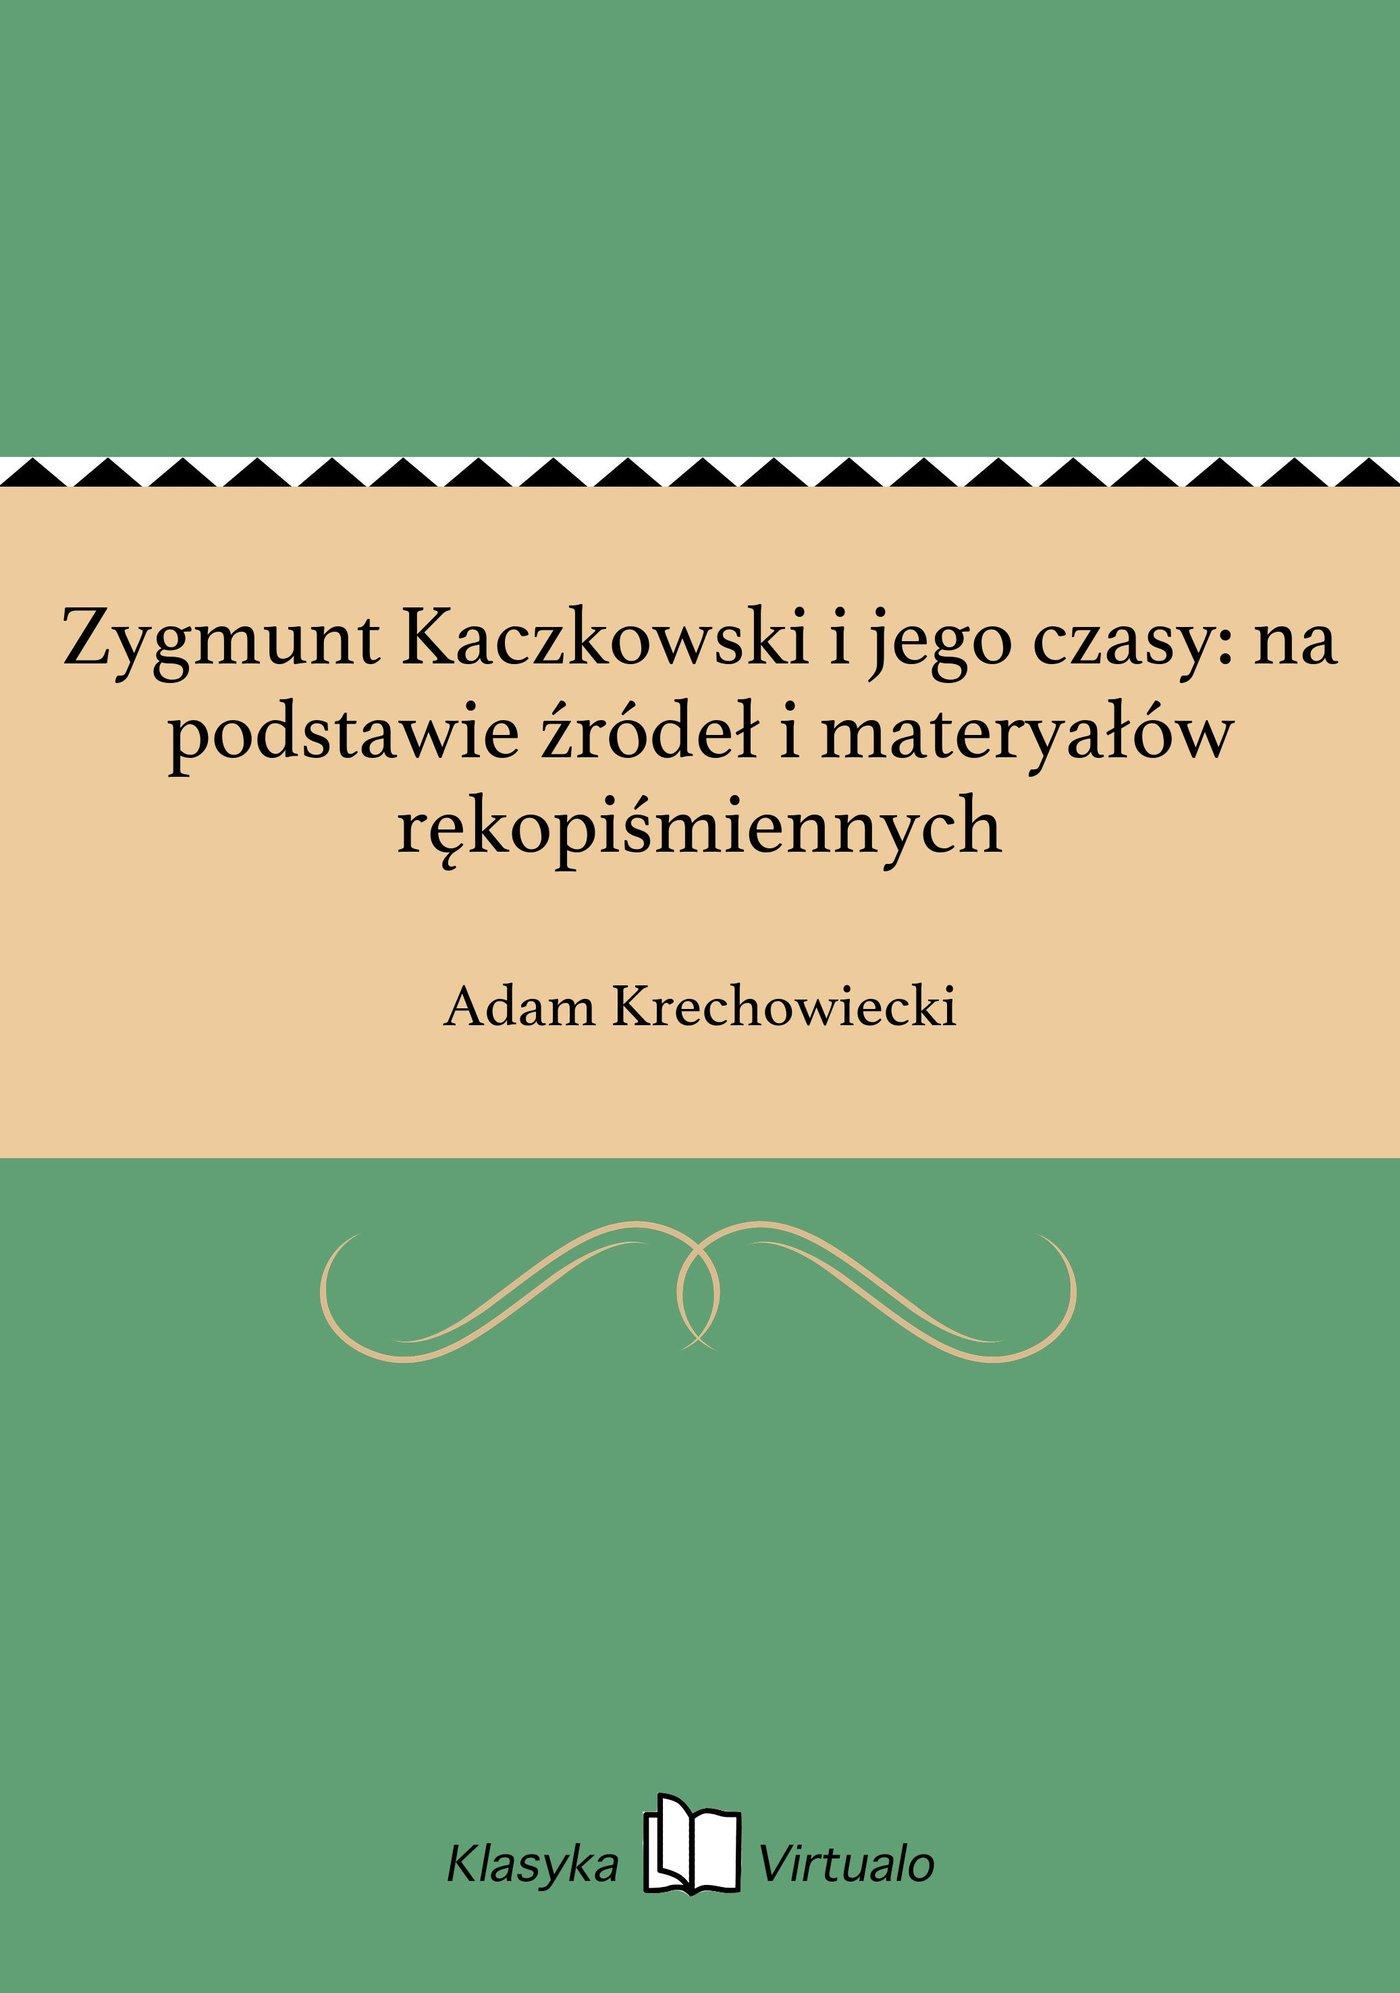 Zygmunt Kaczkowski i jego czasy: na podstawie źródeł i materyałów rękopiśmiennych - Ebook (Książka EPUB) do pobrania w formacie EPUB